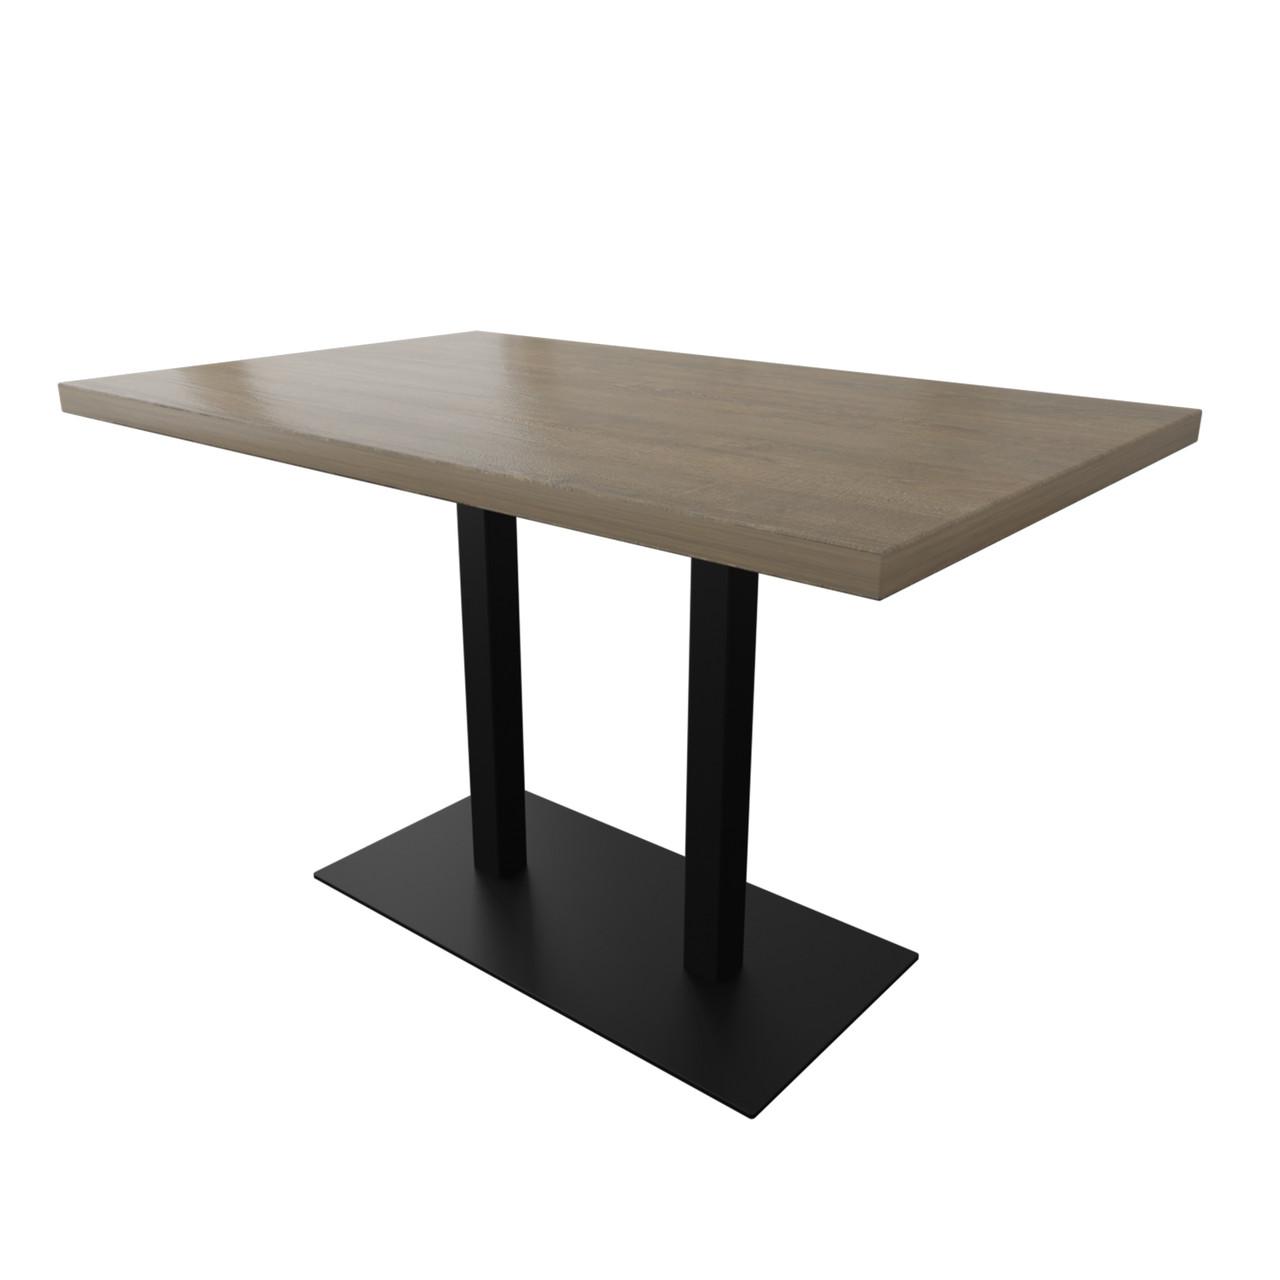 Столи обідні в стилі лофт Тренд подвійний барний Метал-Дизайн / Metall Design